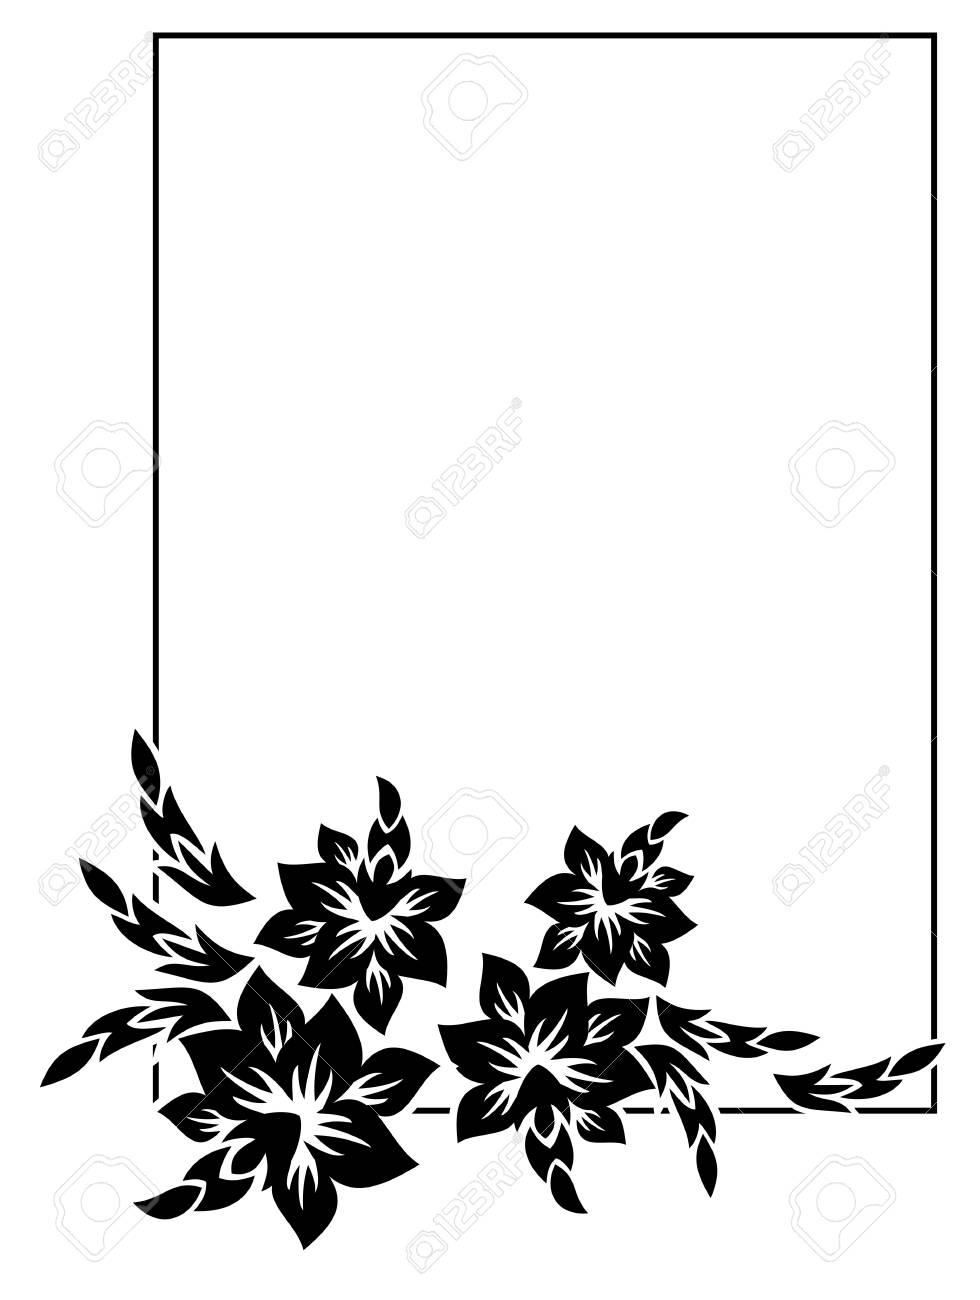 5937bed3a8 Archivio Fotografico - Cornice silhouette in bianco e nero con fiori  decorativi. ClipArt vettoriali